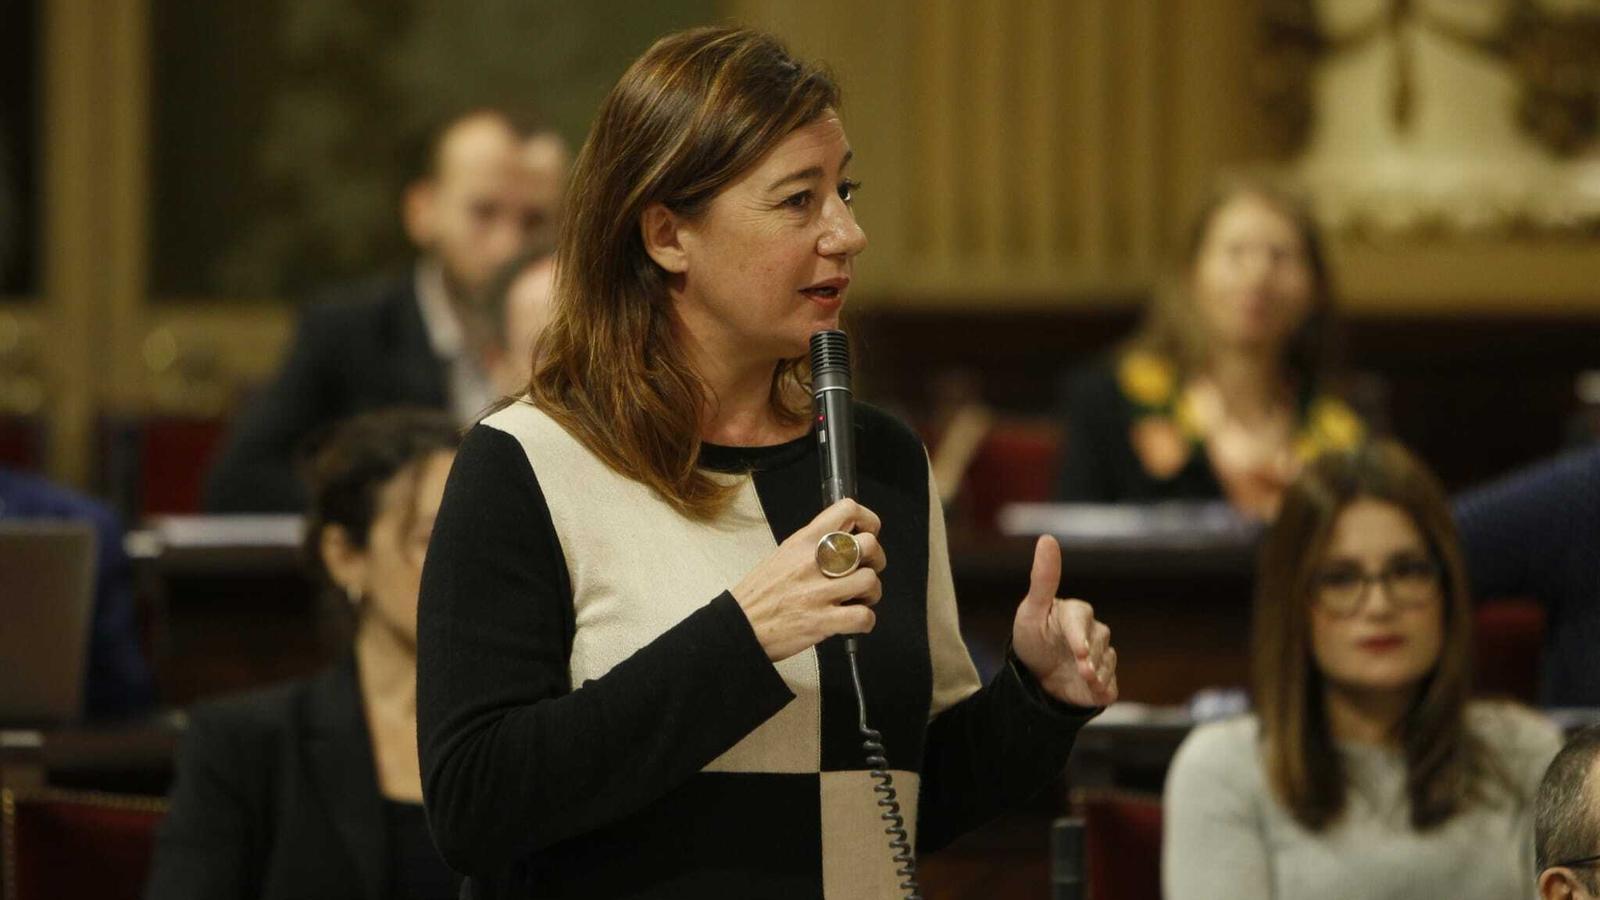 La presidenta del Govern balear, Francina Armengol, durant una de les seves intervencions en el Parlament